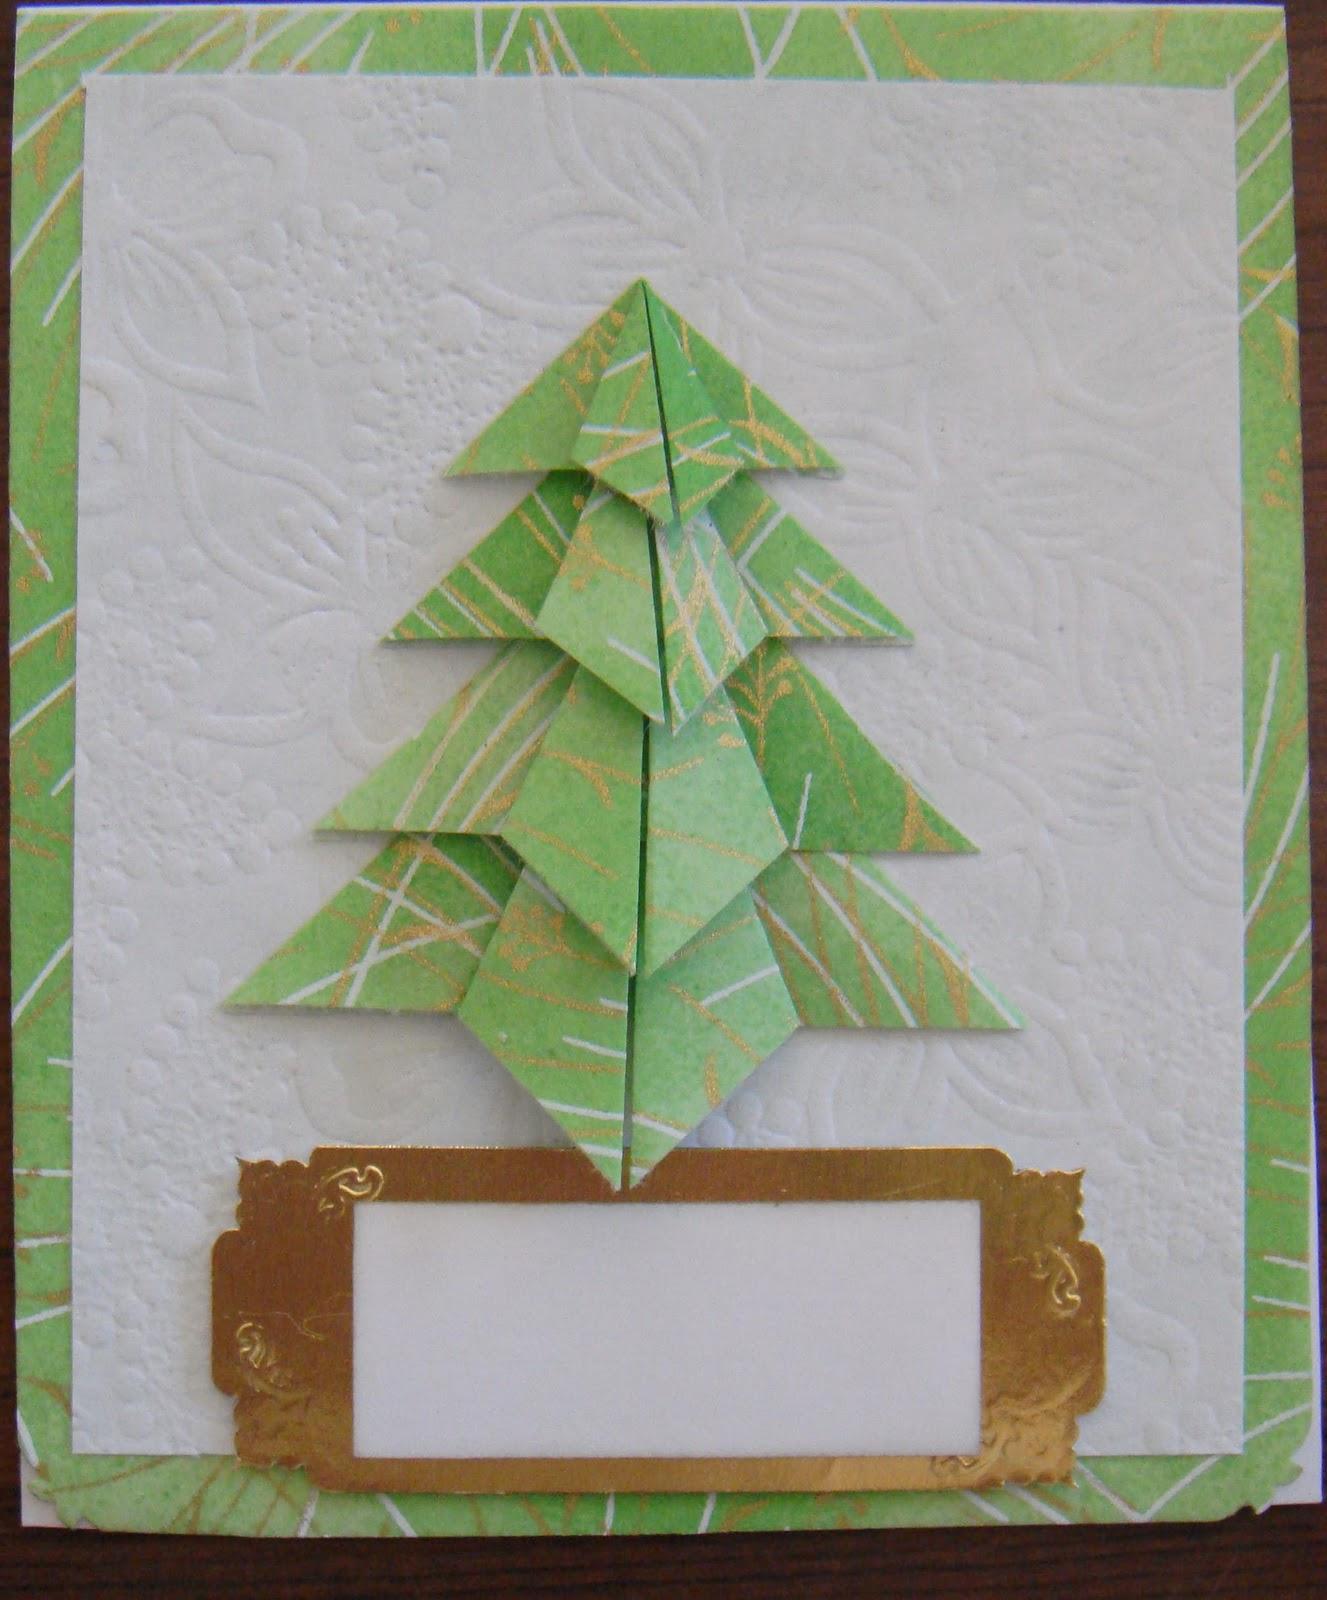 Tarjetas navide as con rbol de navidad de origami - Arbol de navidad origami ...